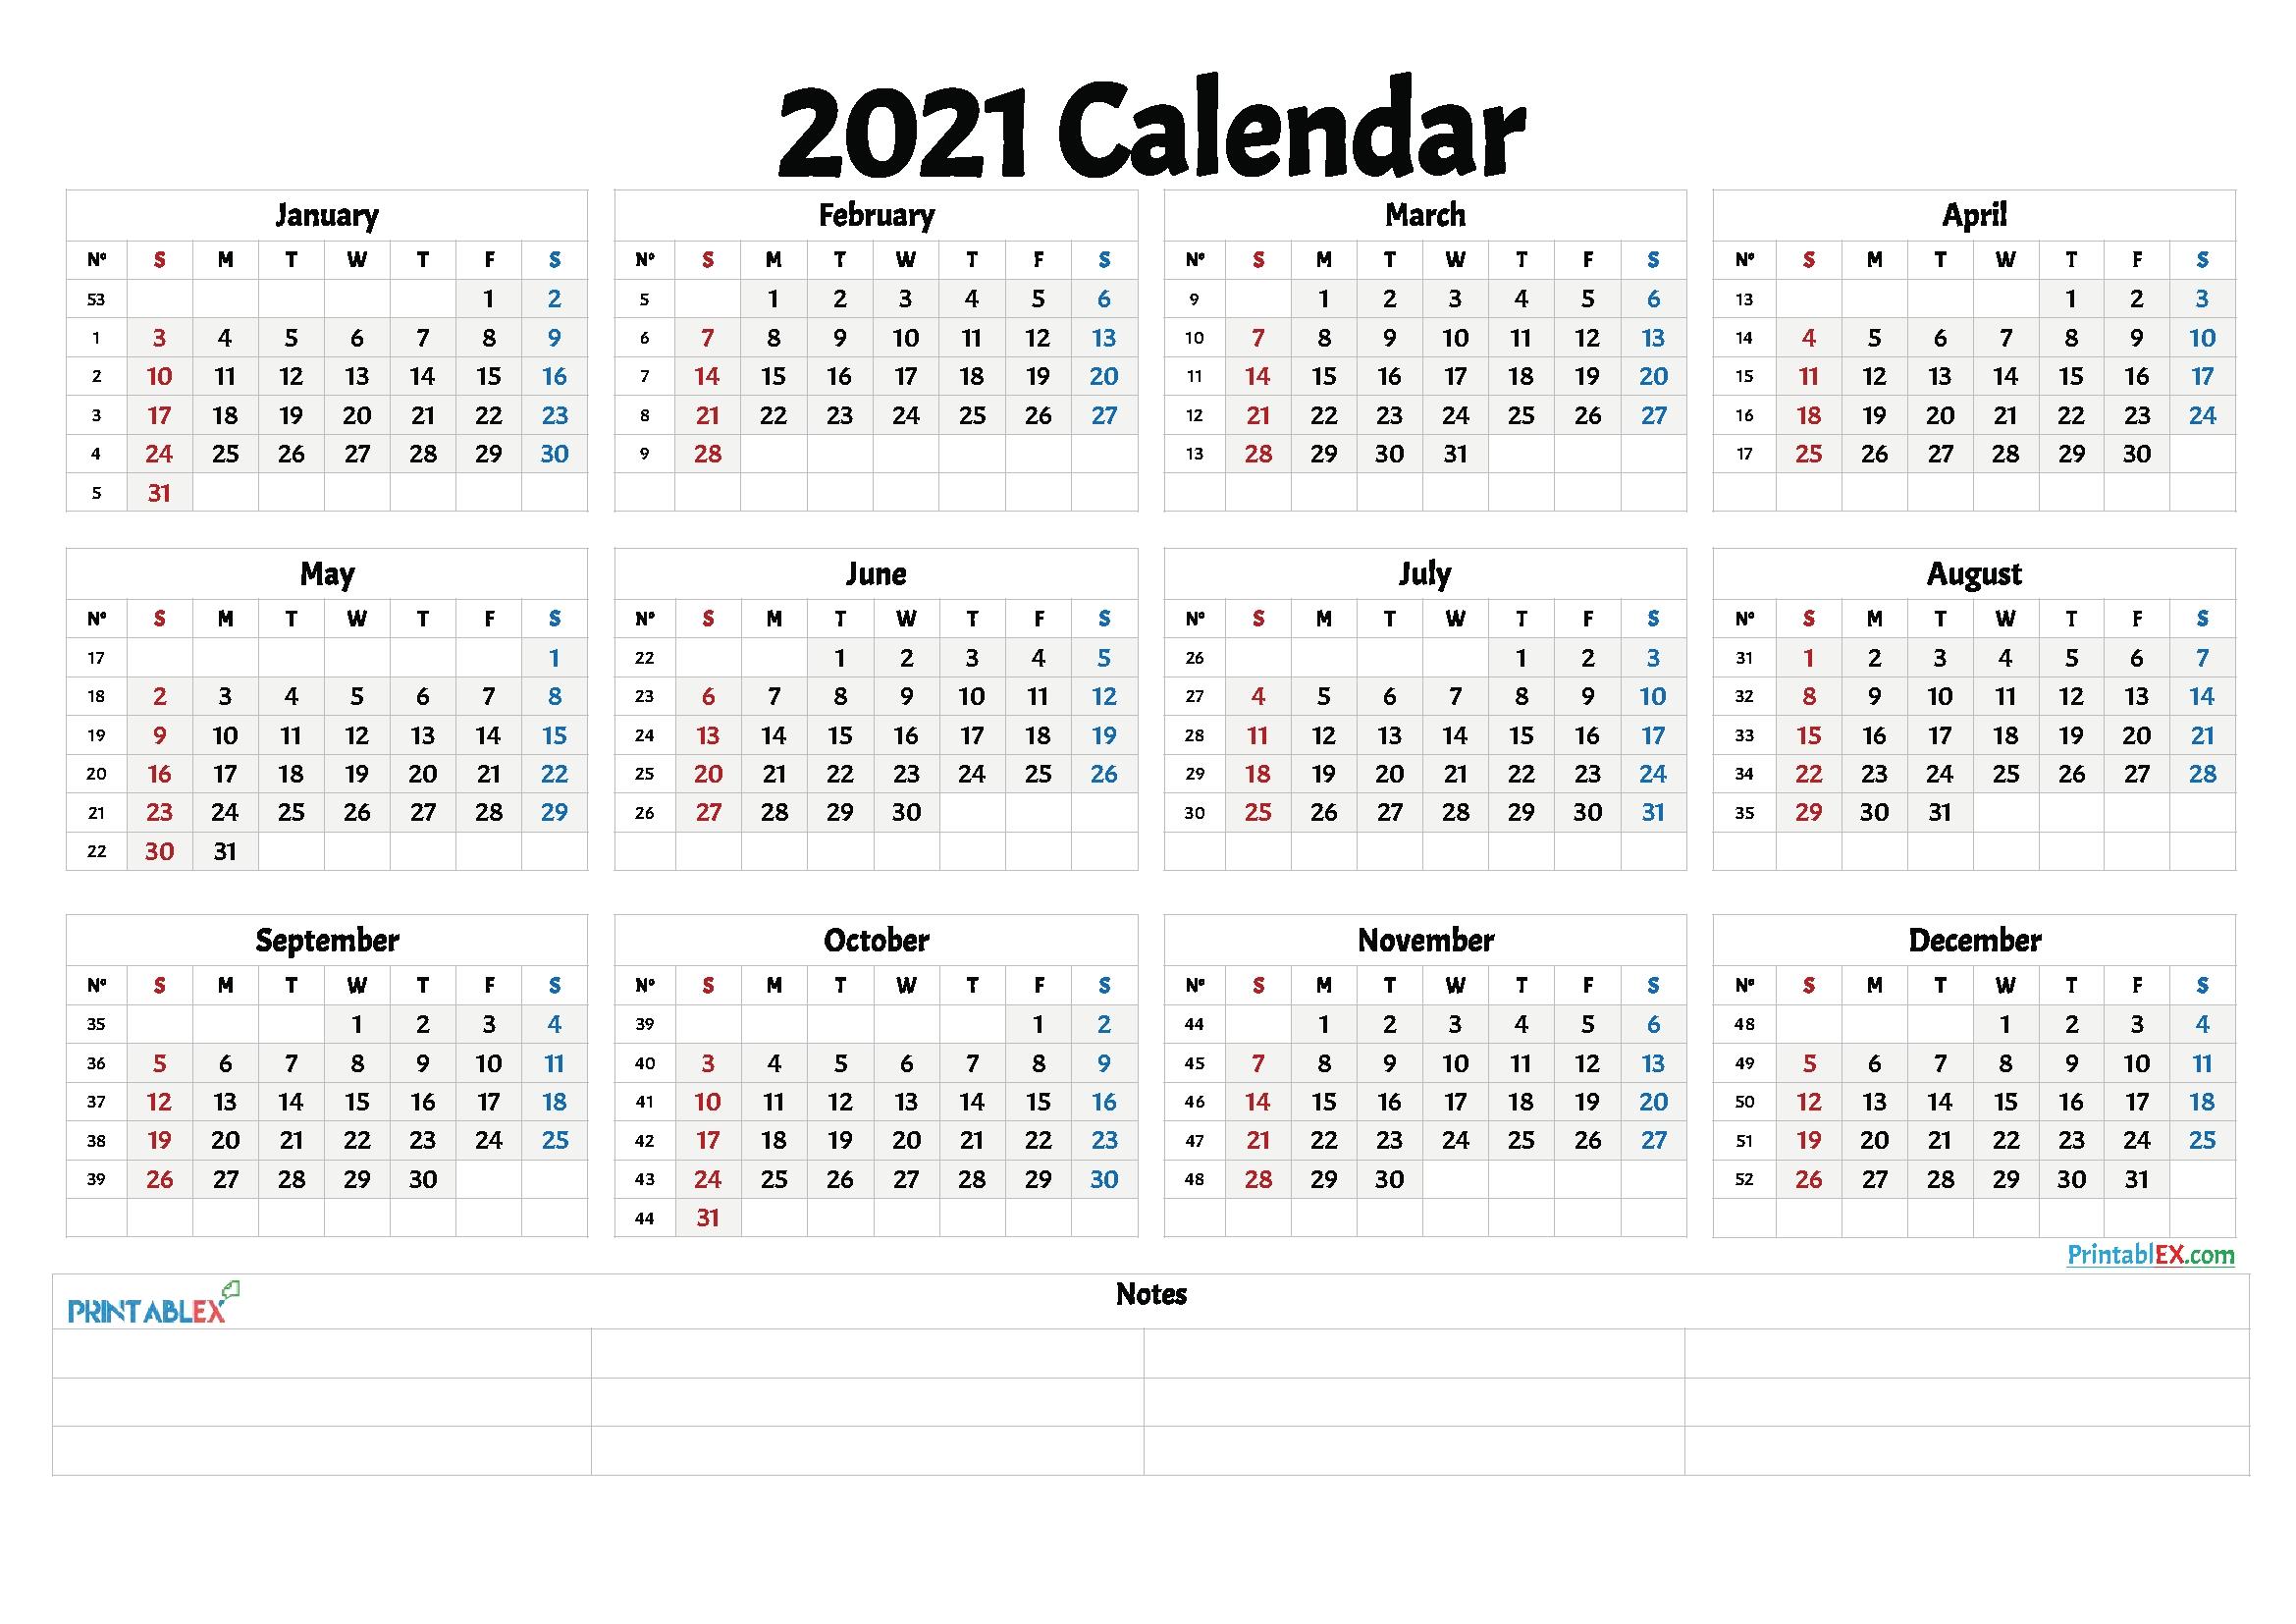 Free Printable 2021 Yearly Calendar With Week Numbers  2021 Calendar Weeks Numbered